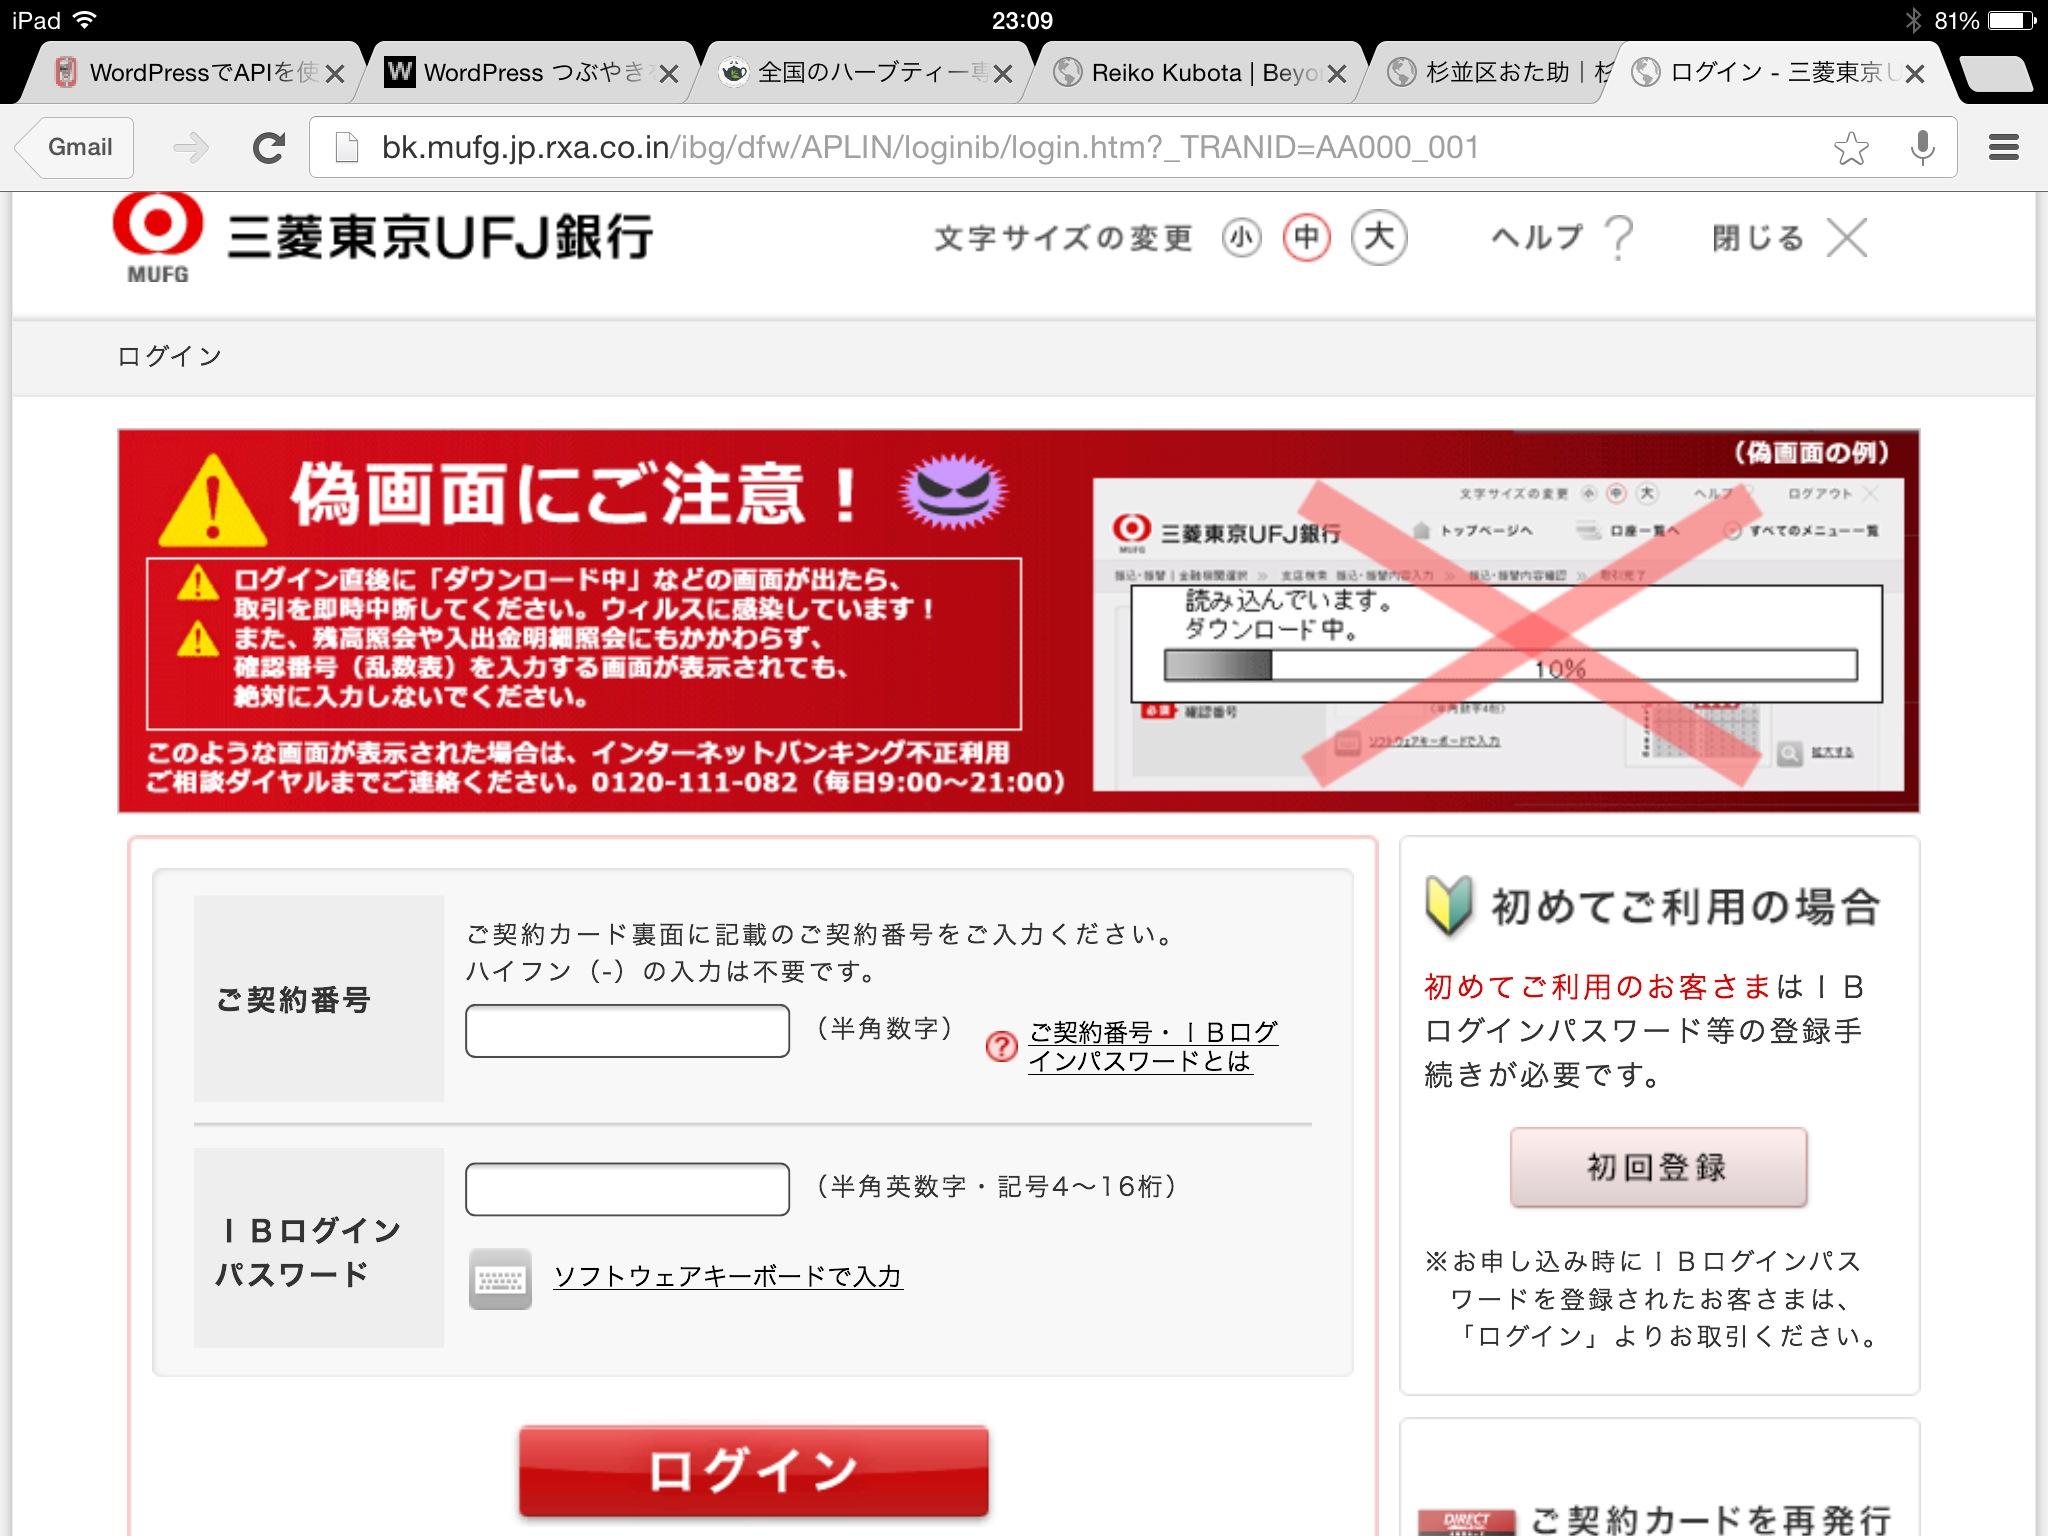 http://denimweb.com/notebook/%E5%86%99%E7%9C%9F.JPG